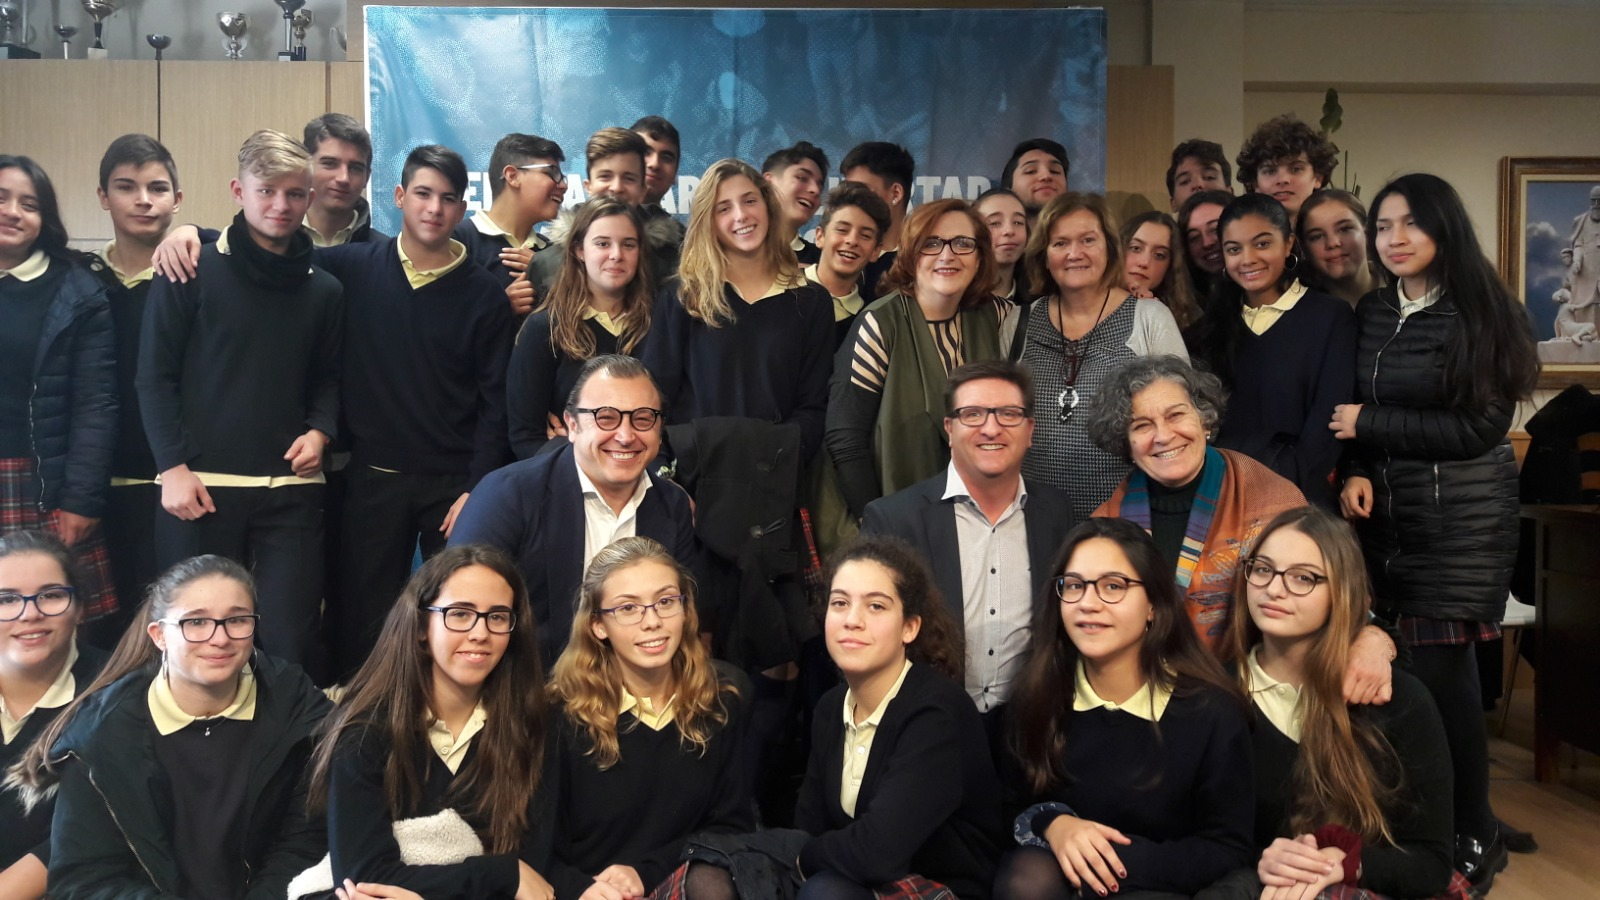 Alumnos del colegio Sagrada Familia de Massamagrell (Valencia), durante la conferencia.